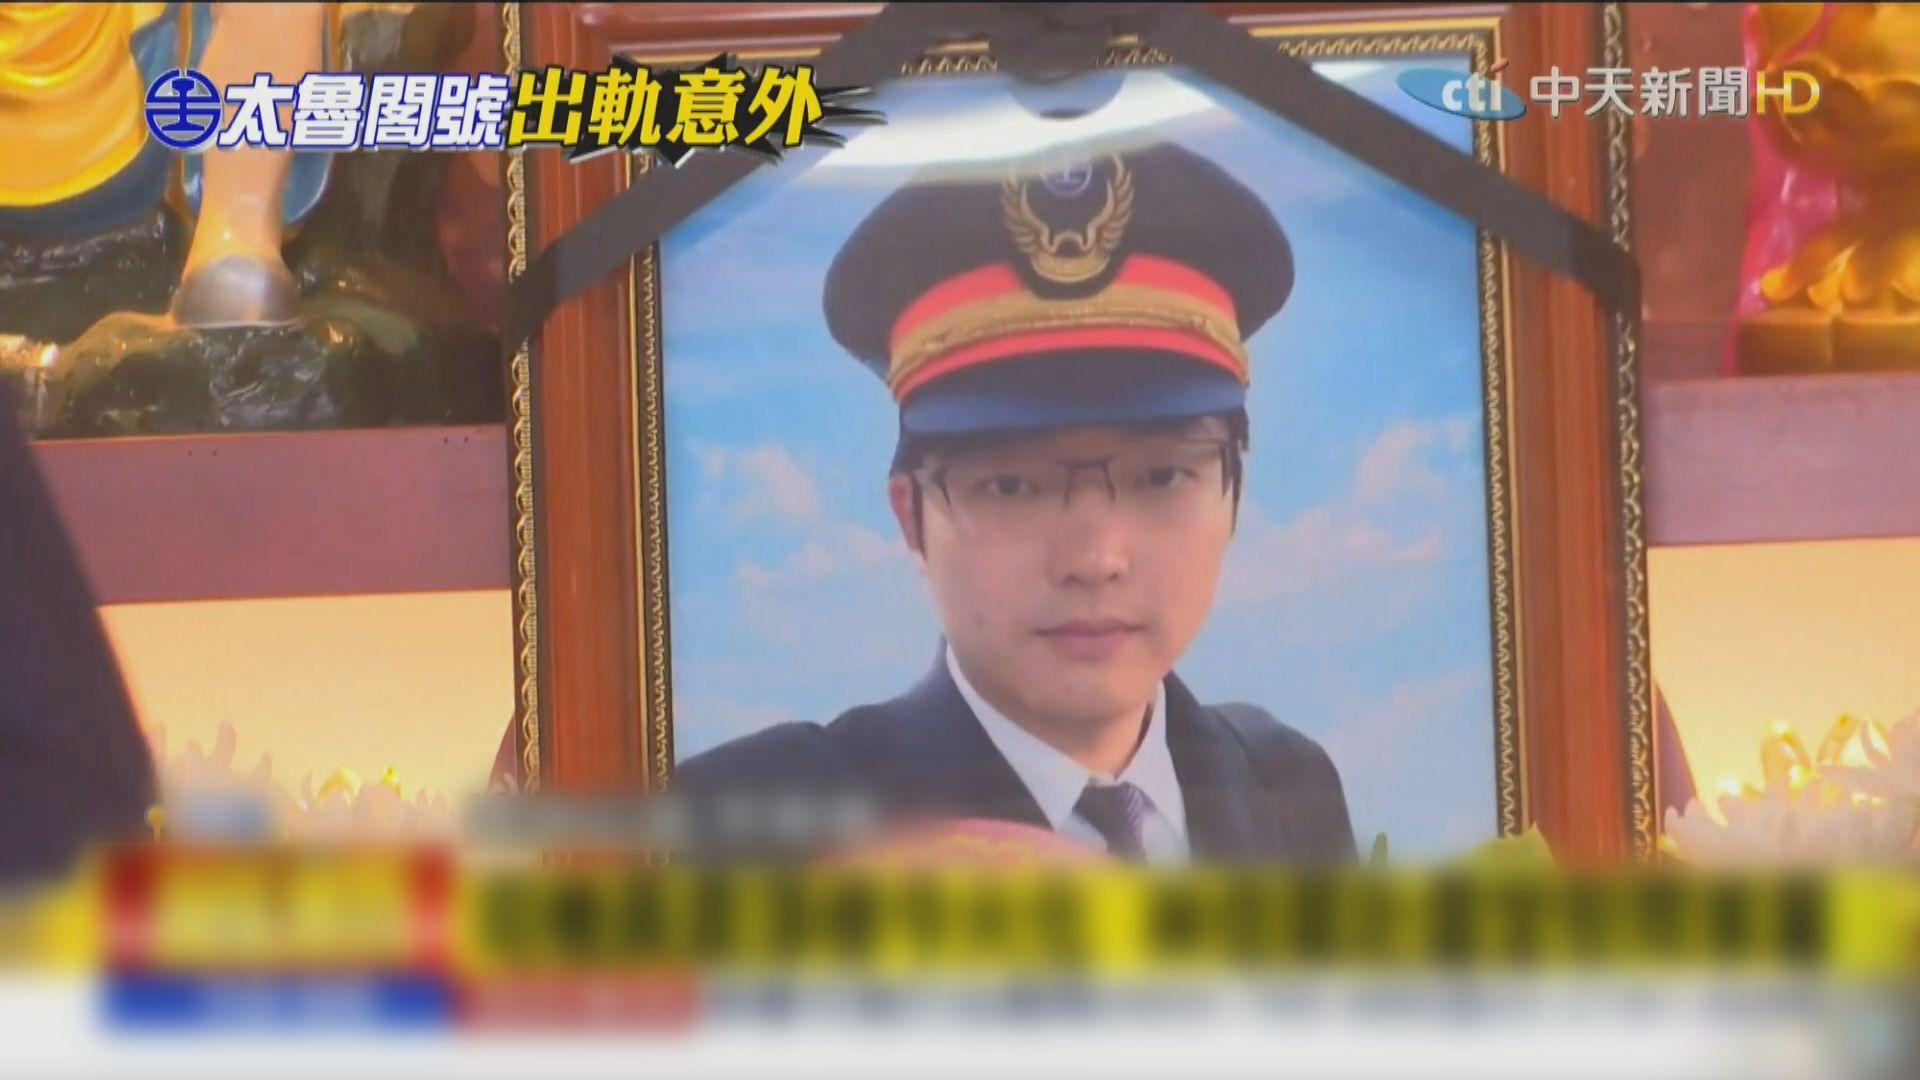 台鐵太魯閣號遇難列車司機遺體火化